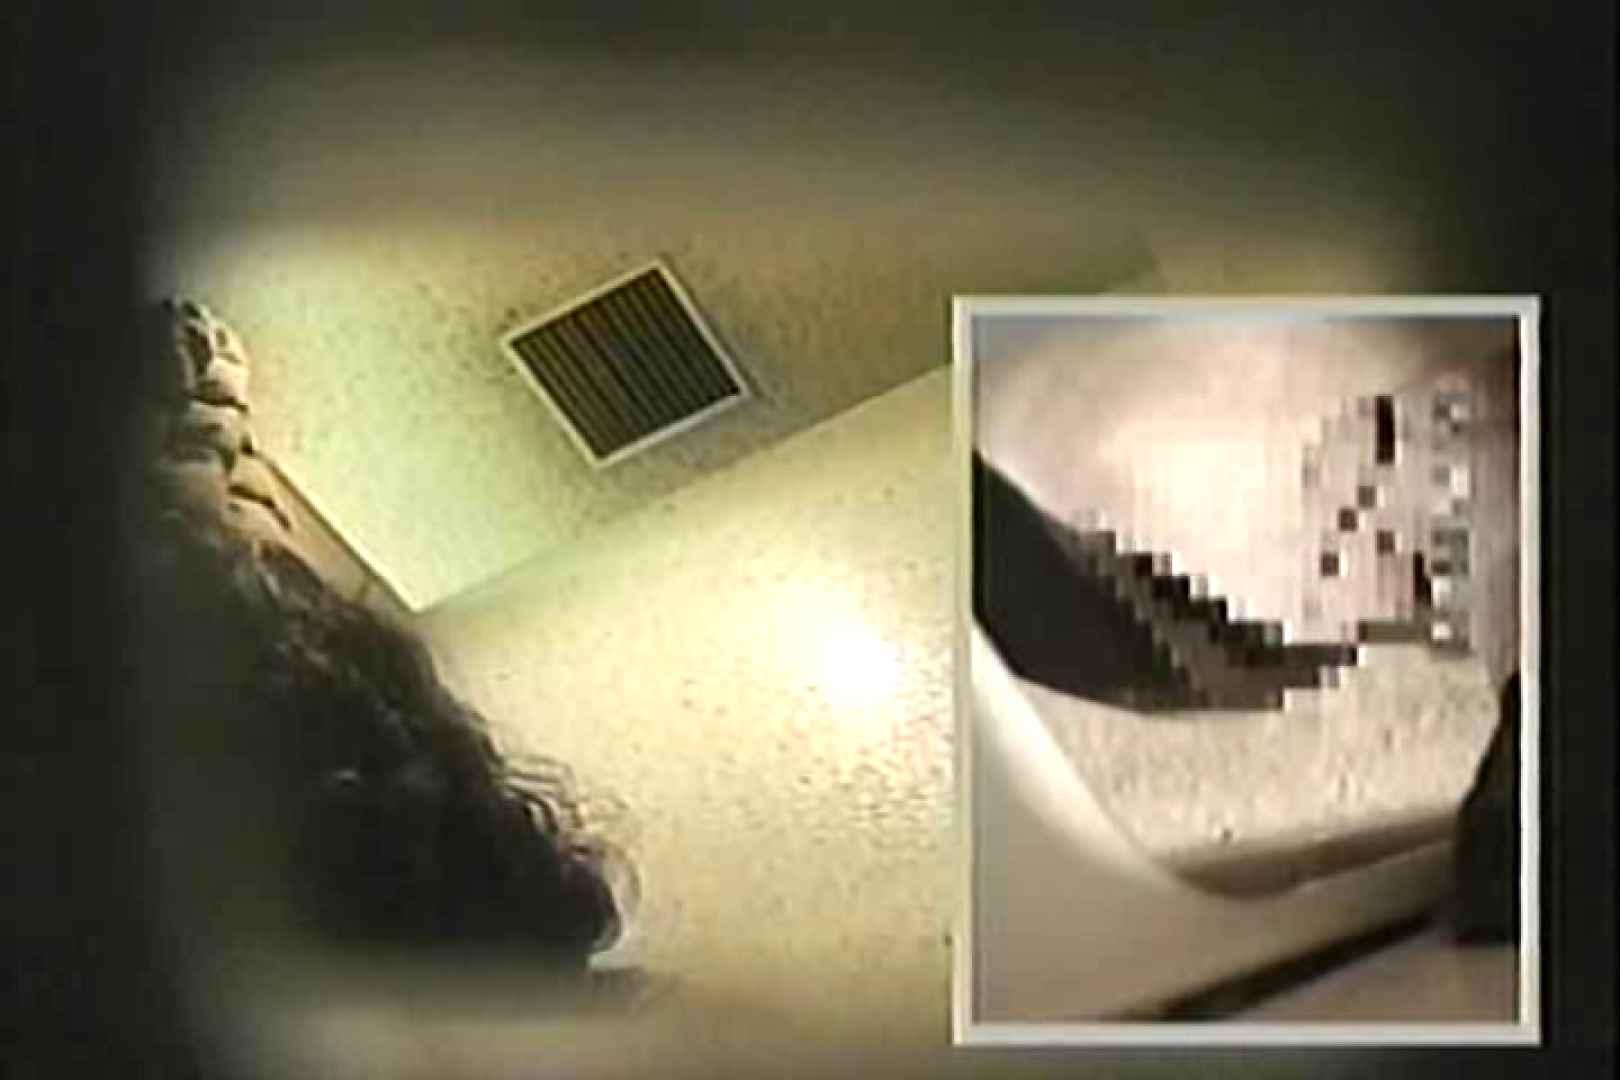 女子洗面所盗撮 今度の2カメは若い子だらけ  TK-127 盗撮 おまんこ動画流出 62pic 22